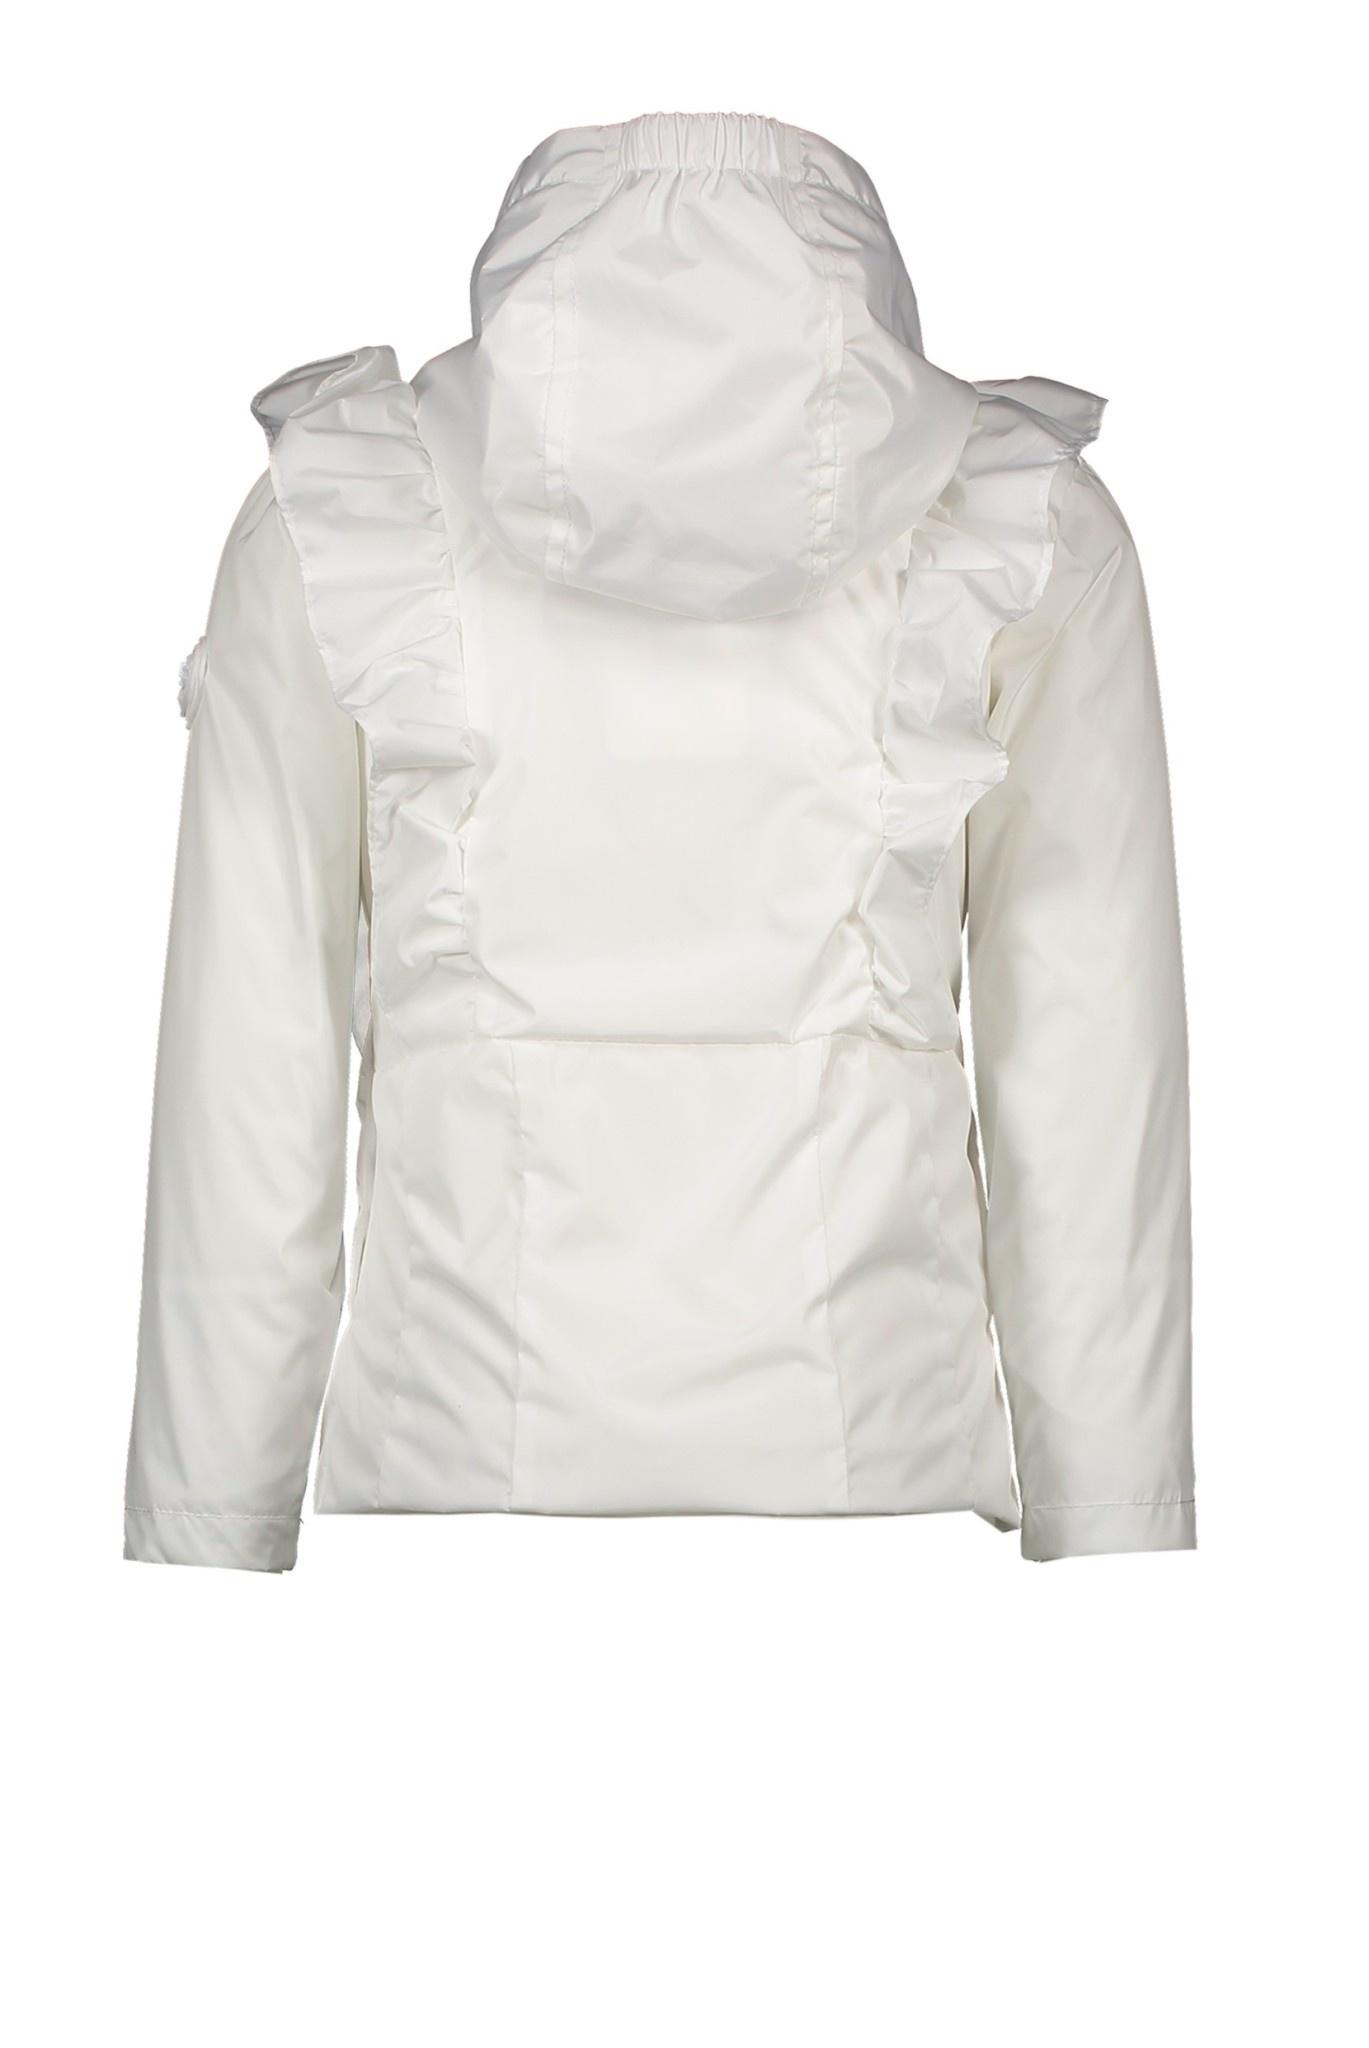 Le Chic Short White Ruffle Coat 5202